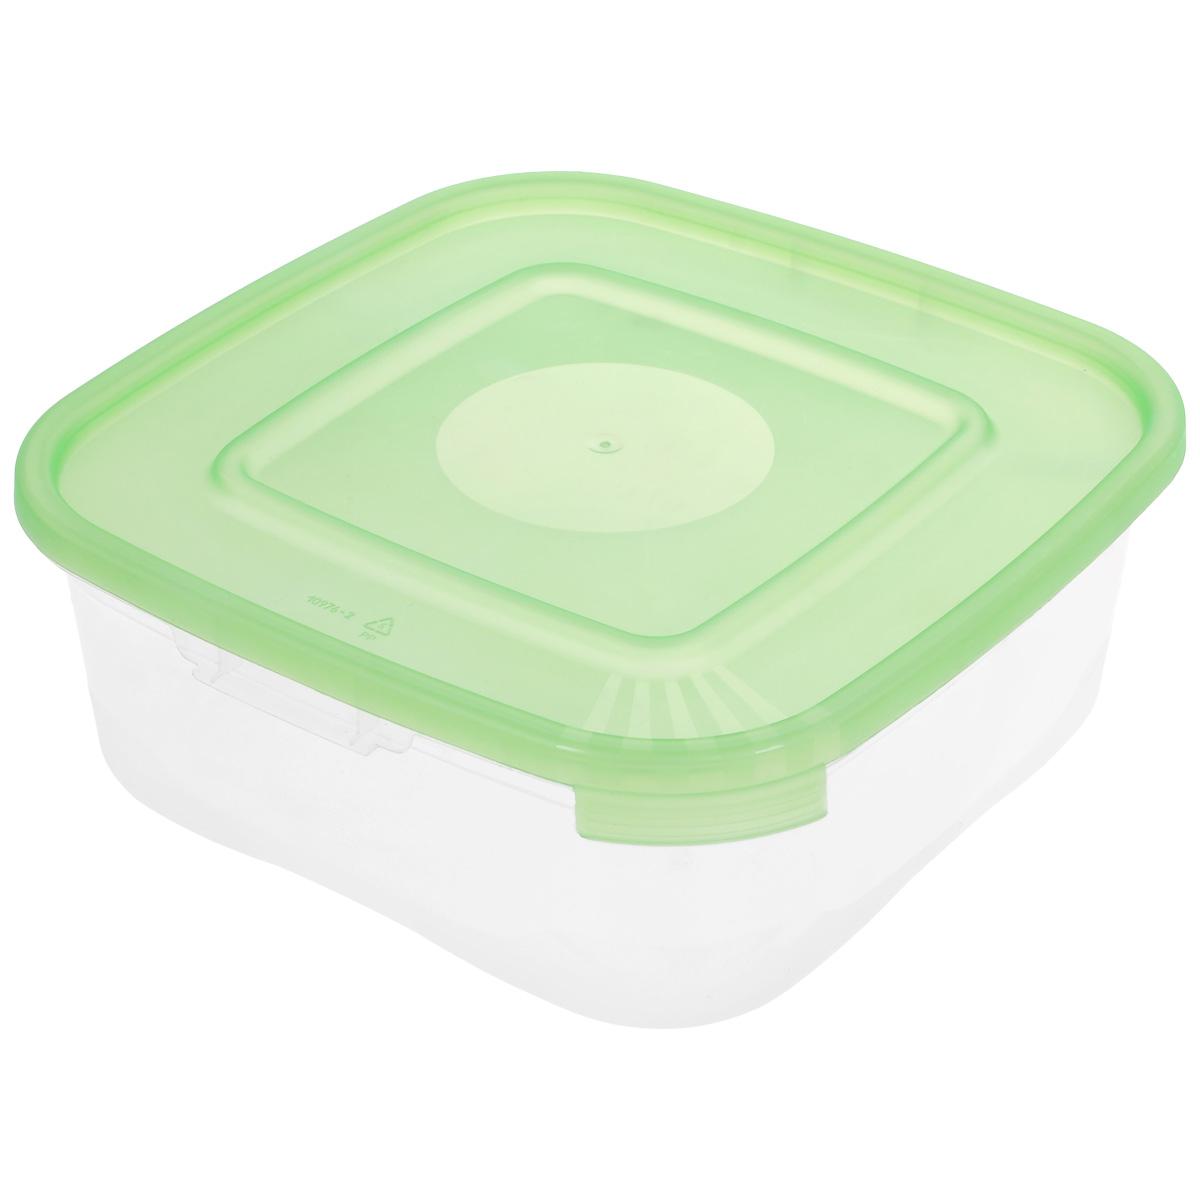 Контейнер Полимербыт Каскад, цвет: прозрачный, салатовый, 1,4 лС680 салатовыйКонтейнер Полимербыт Каскад квадратной формы, изготовленный из прочного пластика, предназначен специально для хранения пищевых продуктов. Крышка легко открывается и плотно закрывается. Контейнер устойчив к воздействию масел и жиров, легко моется. Прозрачные стенки позволяют видеть содержимое. Контейнер имеет возможность хранения продуктов глубокой заморозки, обладает высокой прочностью. Подходит для использования в микроволновых печах. Можно мыть в посудомоечной машине.